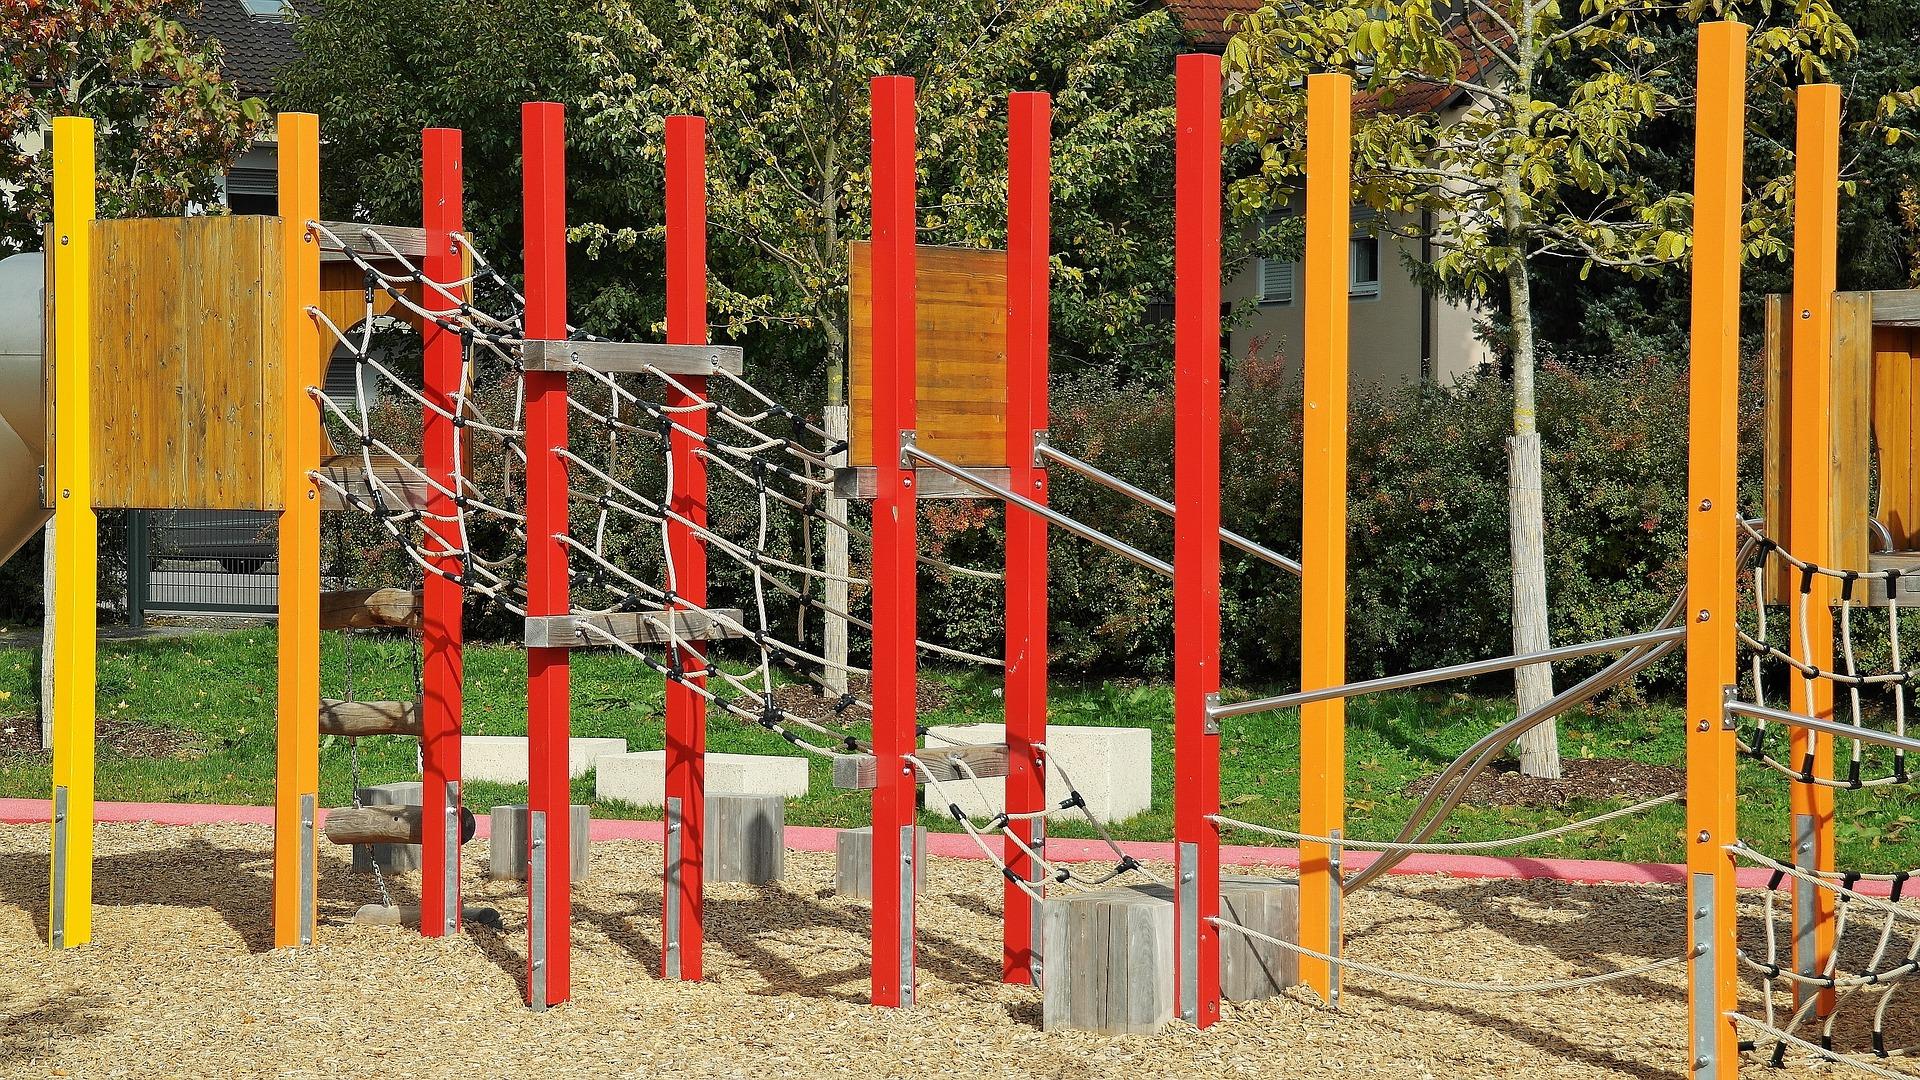 Coronavirus, il Sindaco di Bologna vieta l'uso delle aree giochi nei parchi e nei giardini pubblici